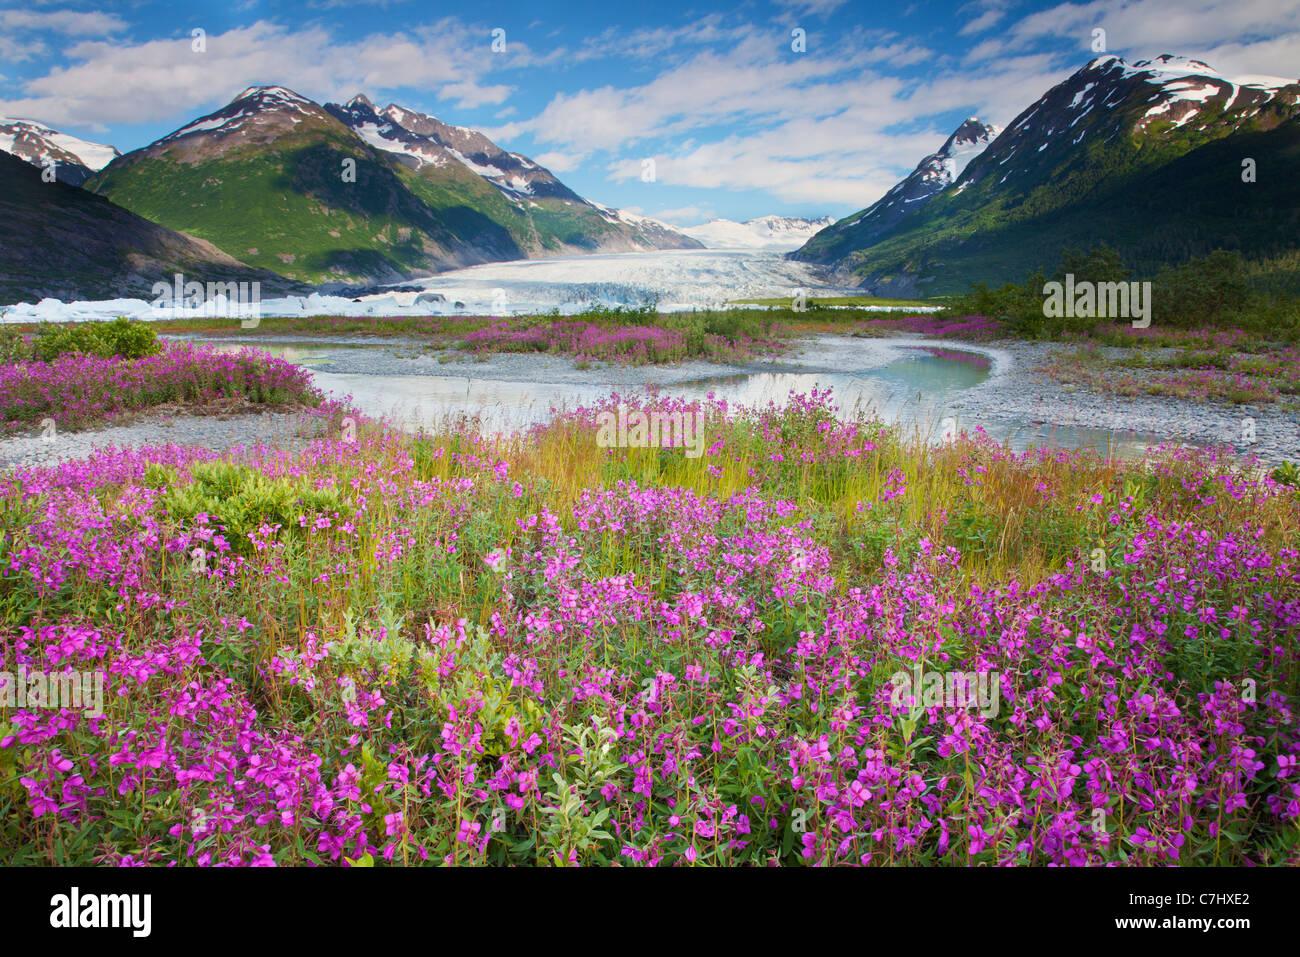 Fiori Selvatici a Spencer ghiacciaio, Chugach National Forest, Alaska. Immagini Stock